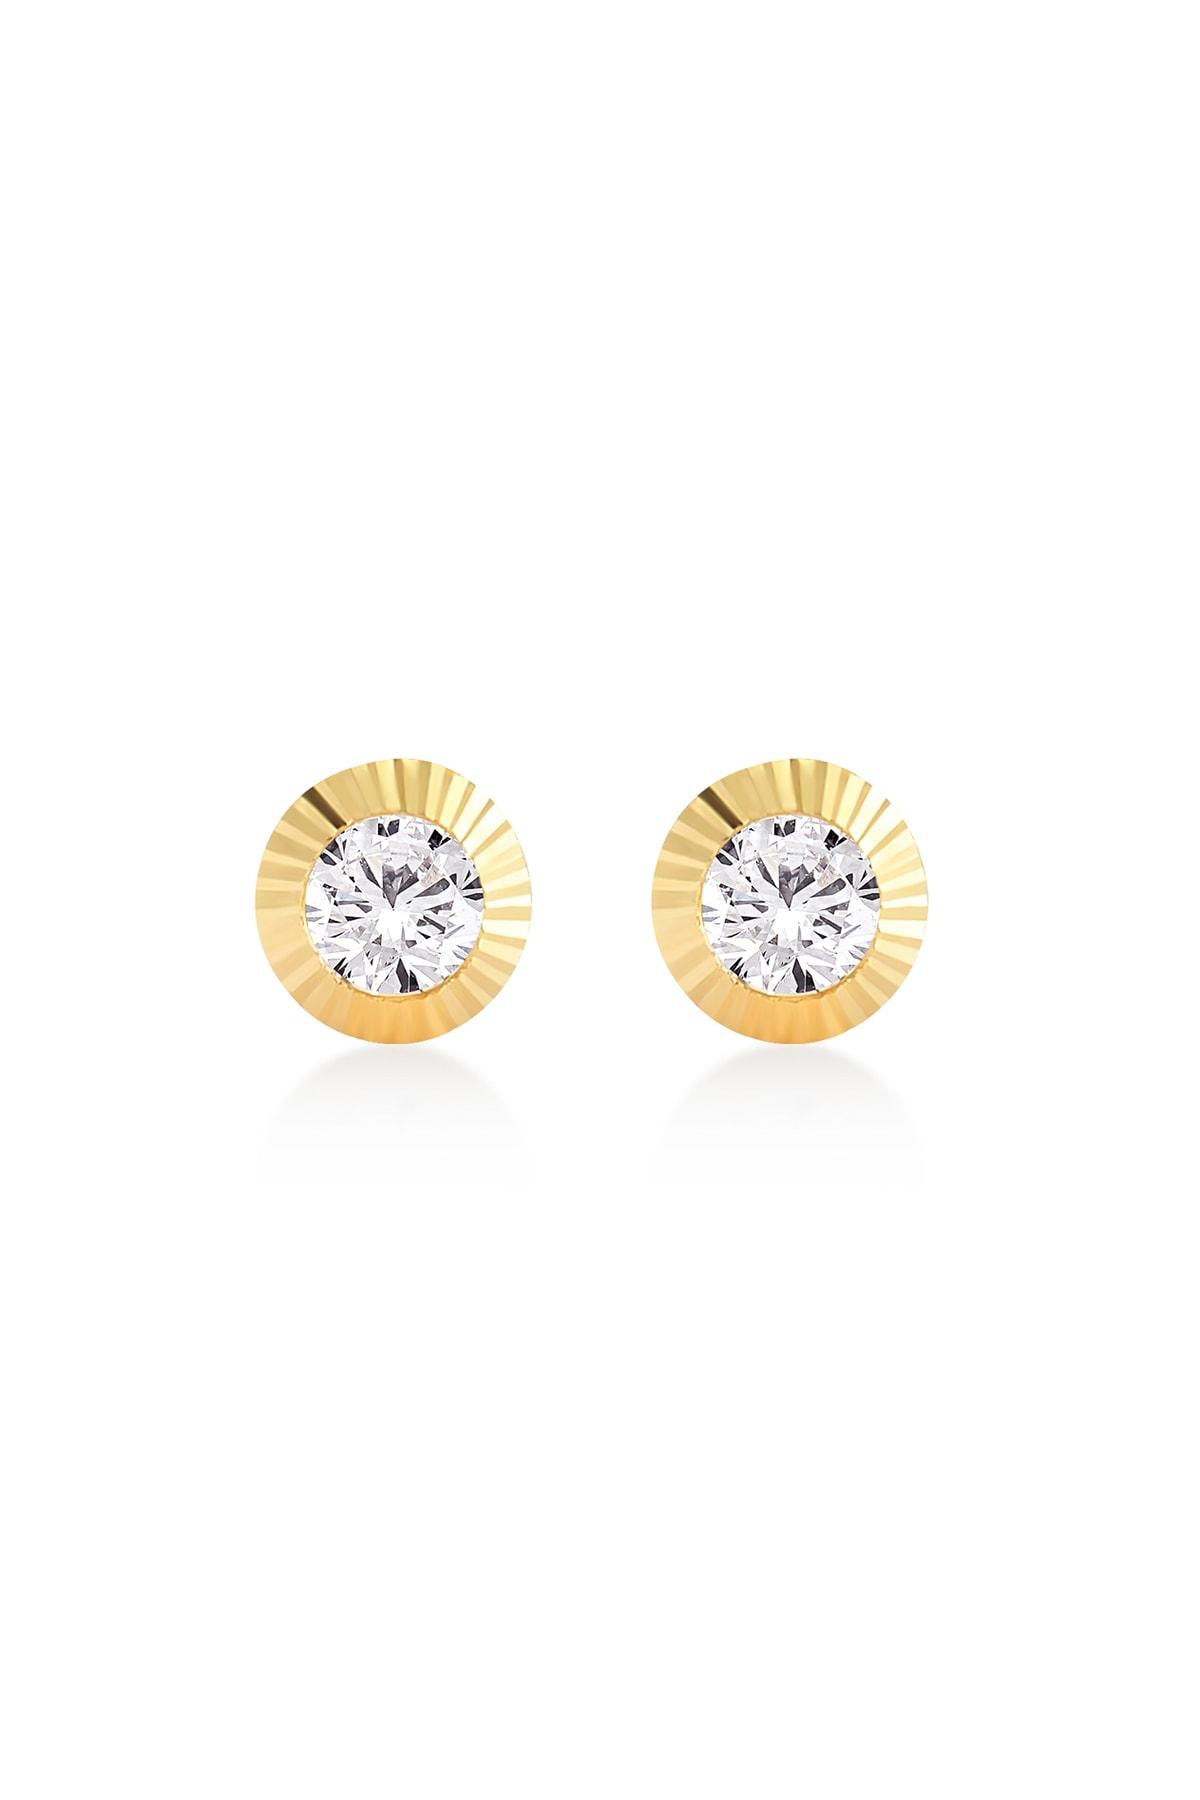 Gelin Pırlanta Gelin Diamond 14 Ayar Altın Taşlı Küpe